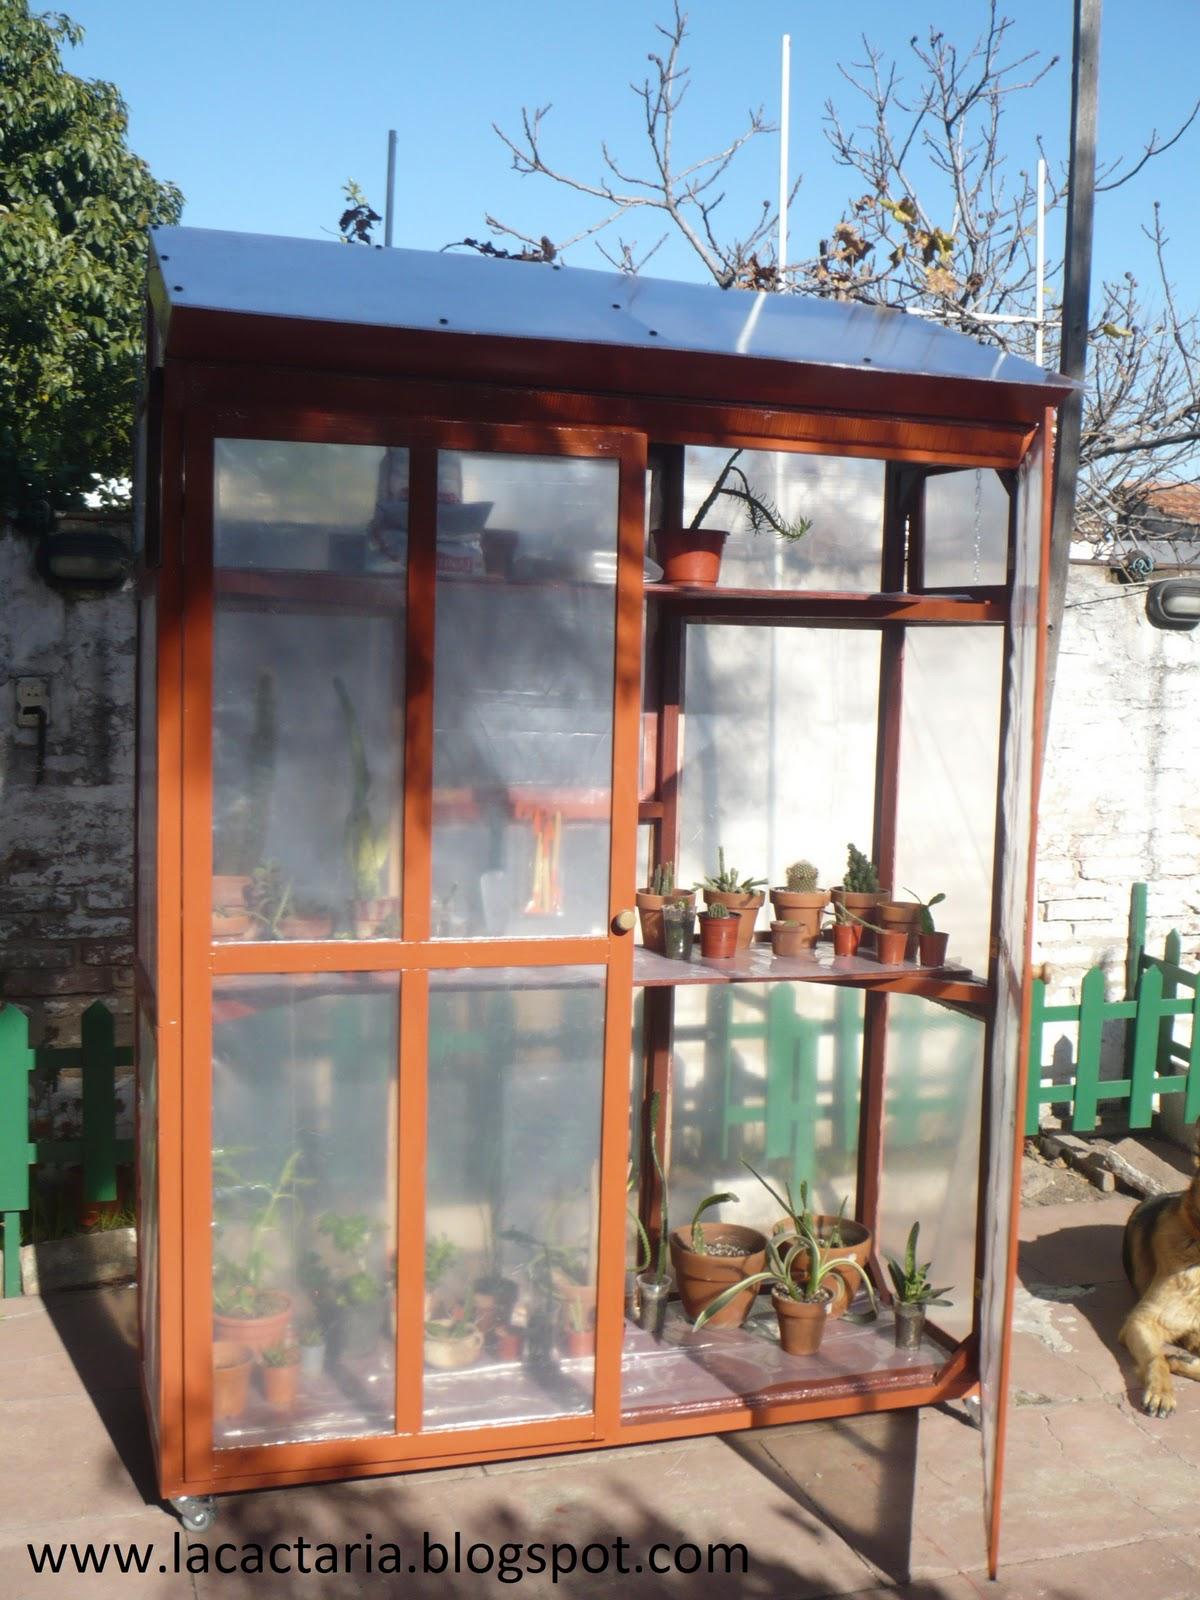 Invernadero m vil para espacios peque os la cactaria - Invernaderos para terrazas ...